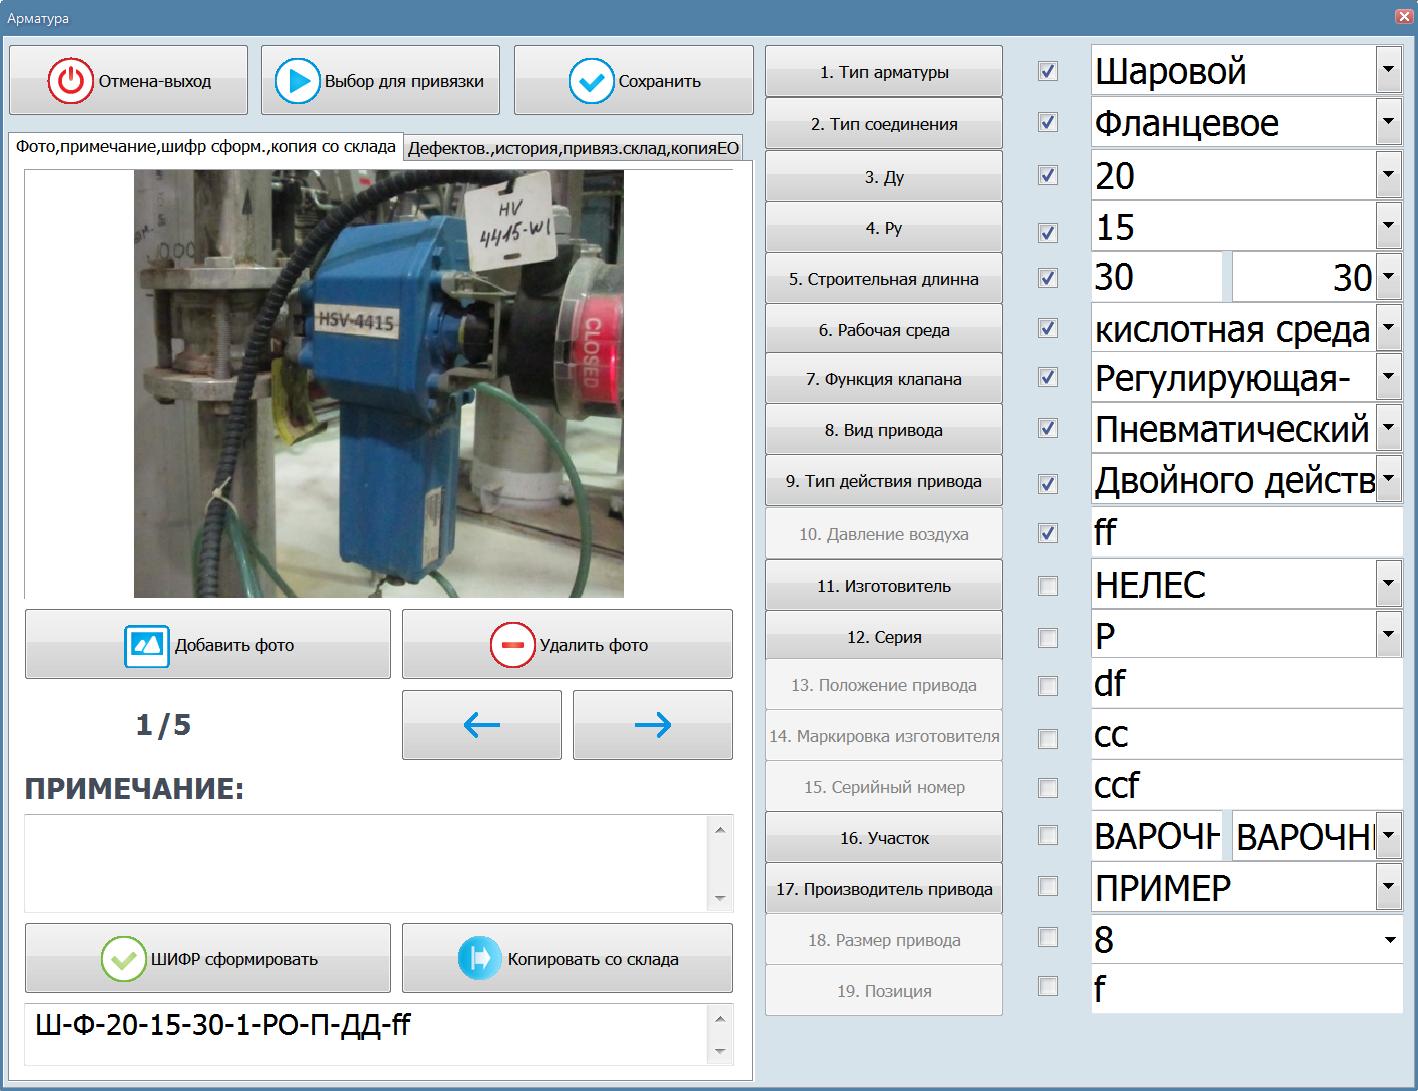 Аудит оборудования на промышленных объектах с интерактивной схемой по цехам